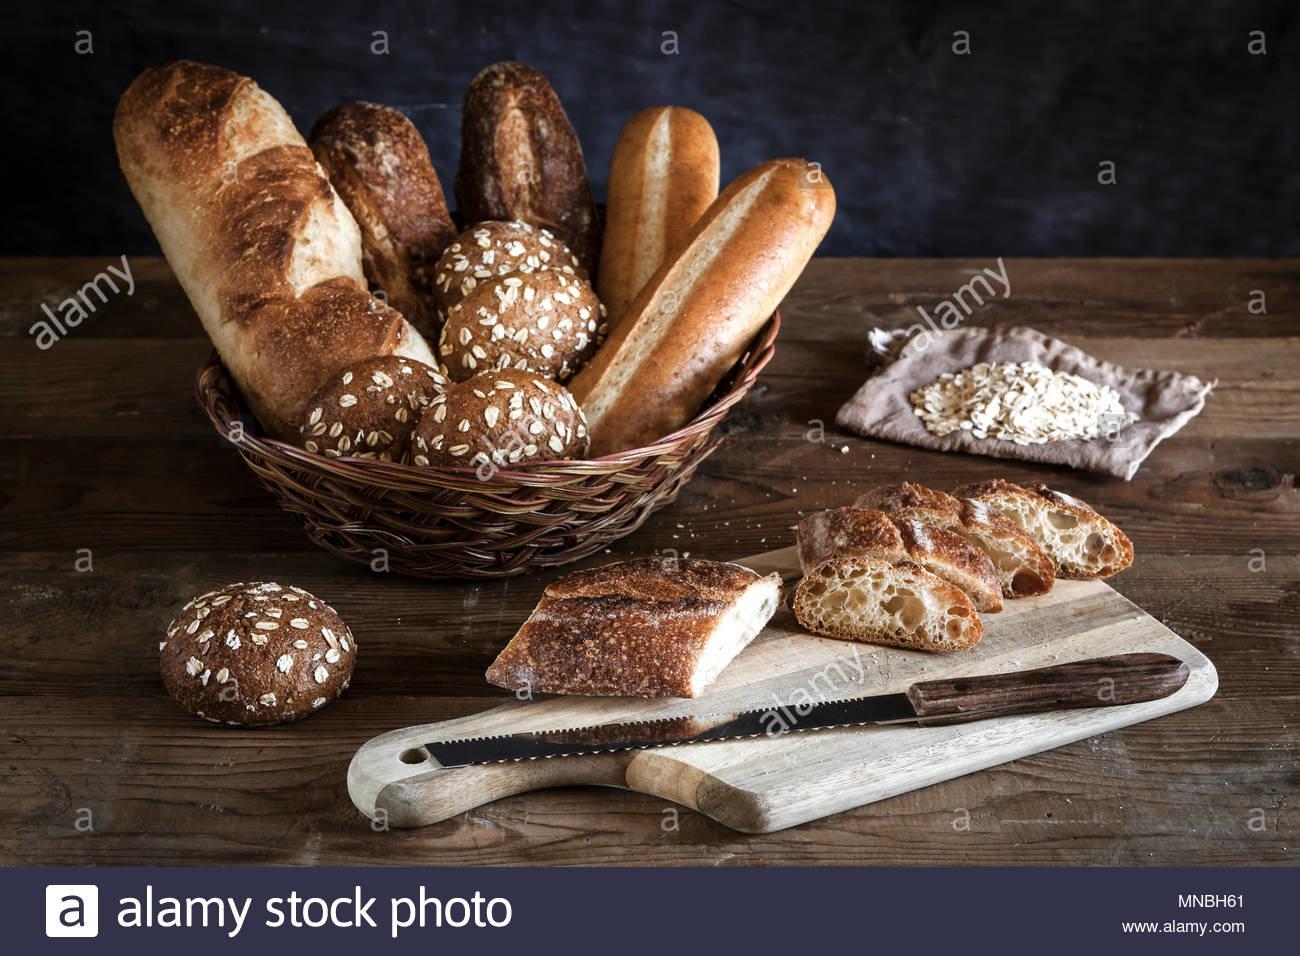 Les variétès de pain 🍞 français.